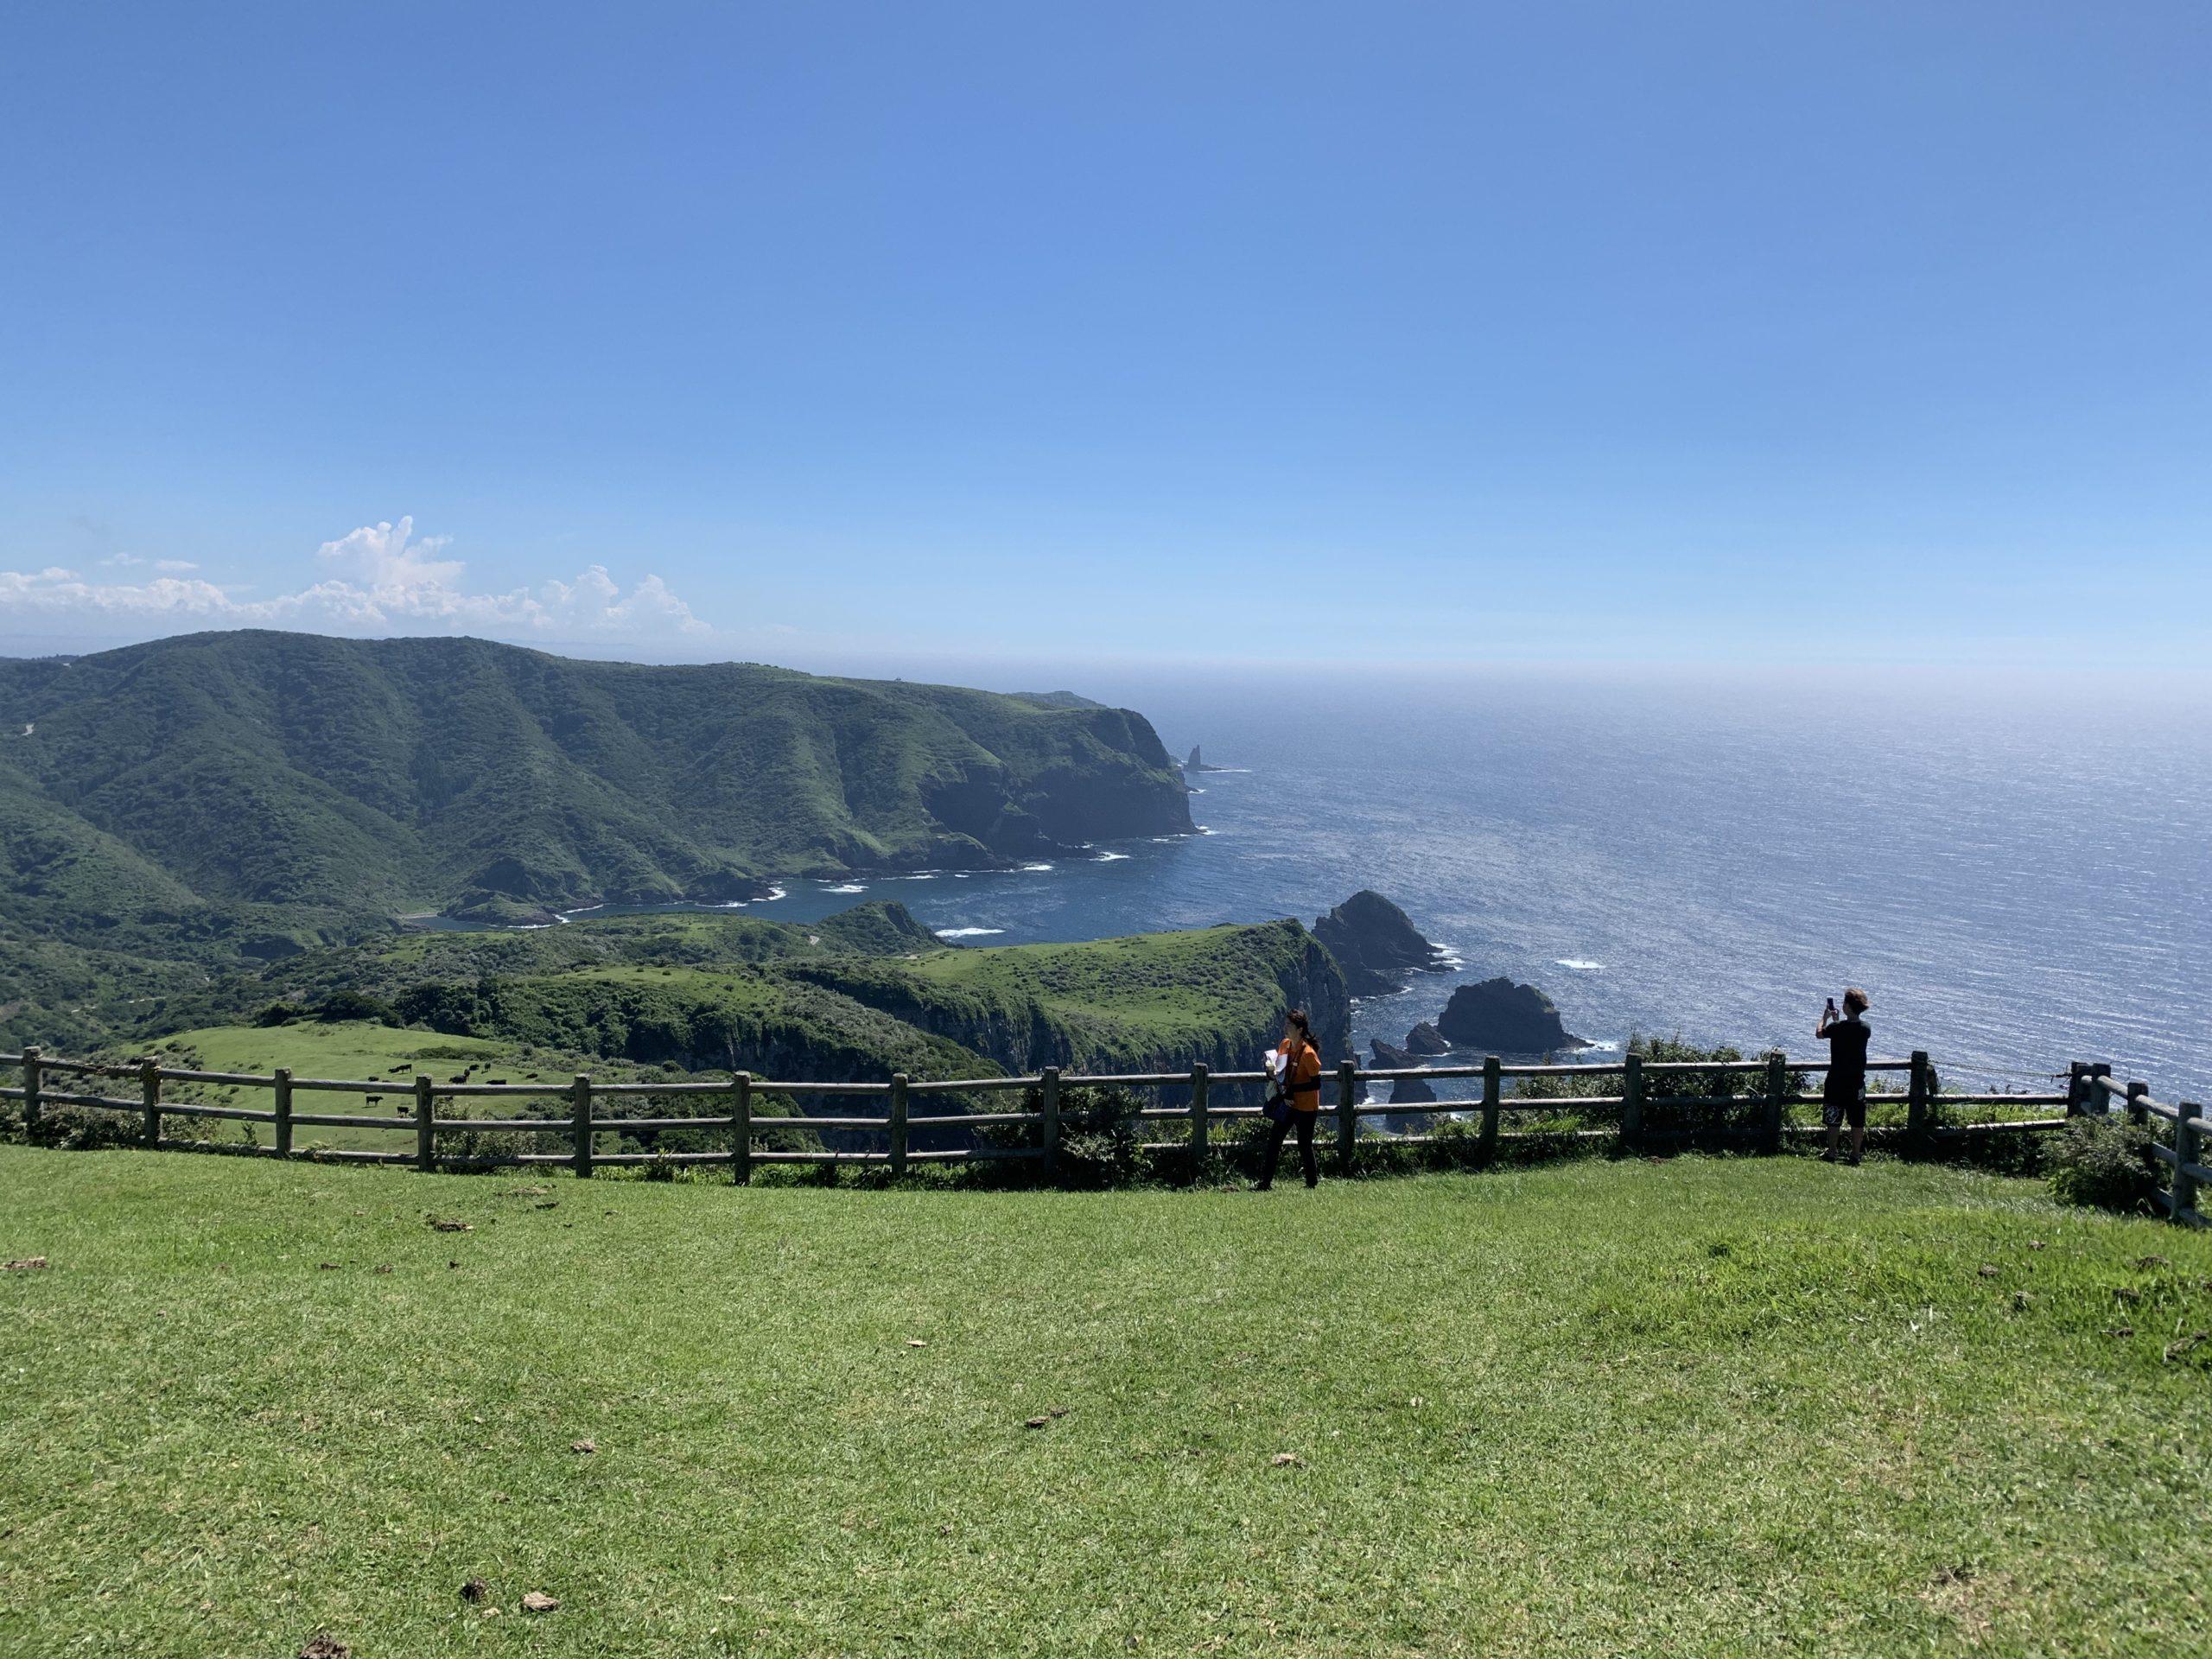 隠岐の島摩天崖からの眺め